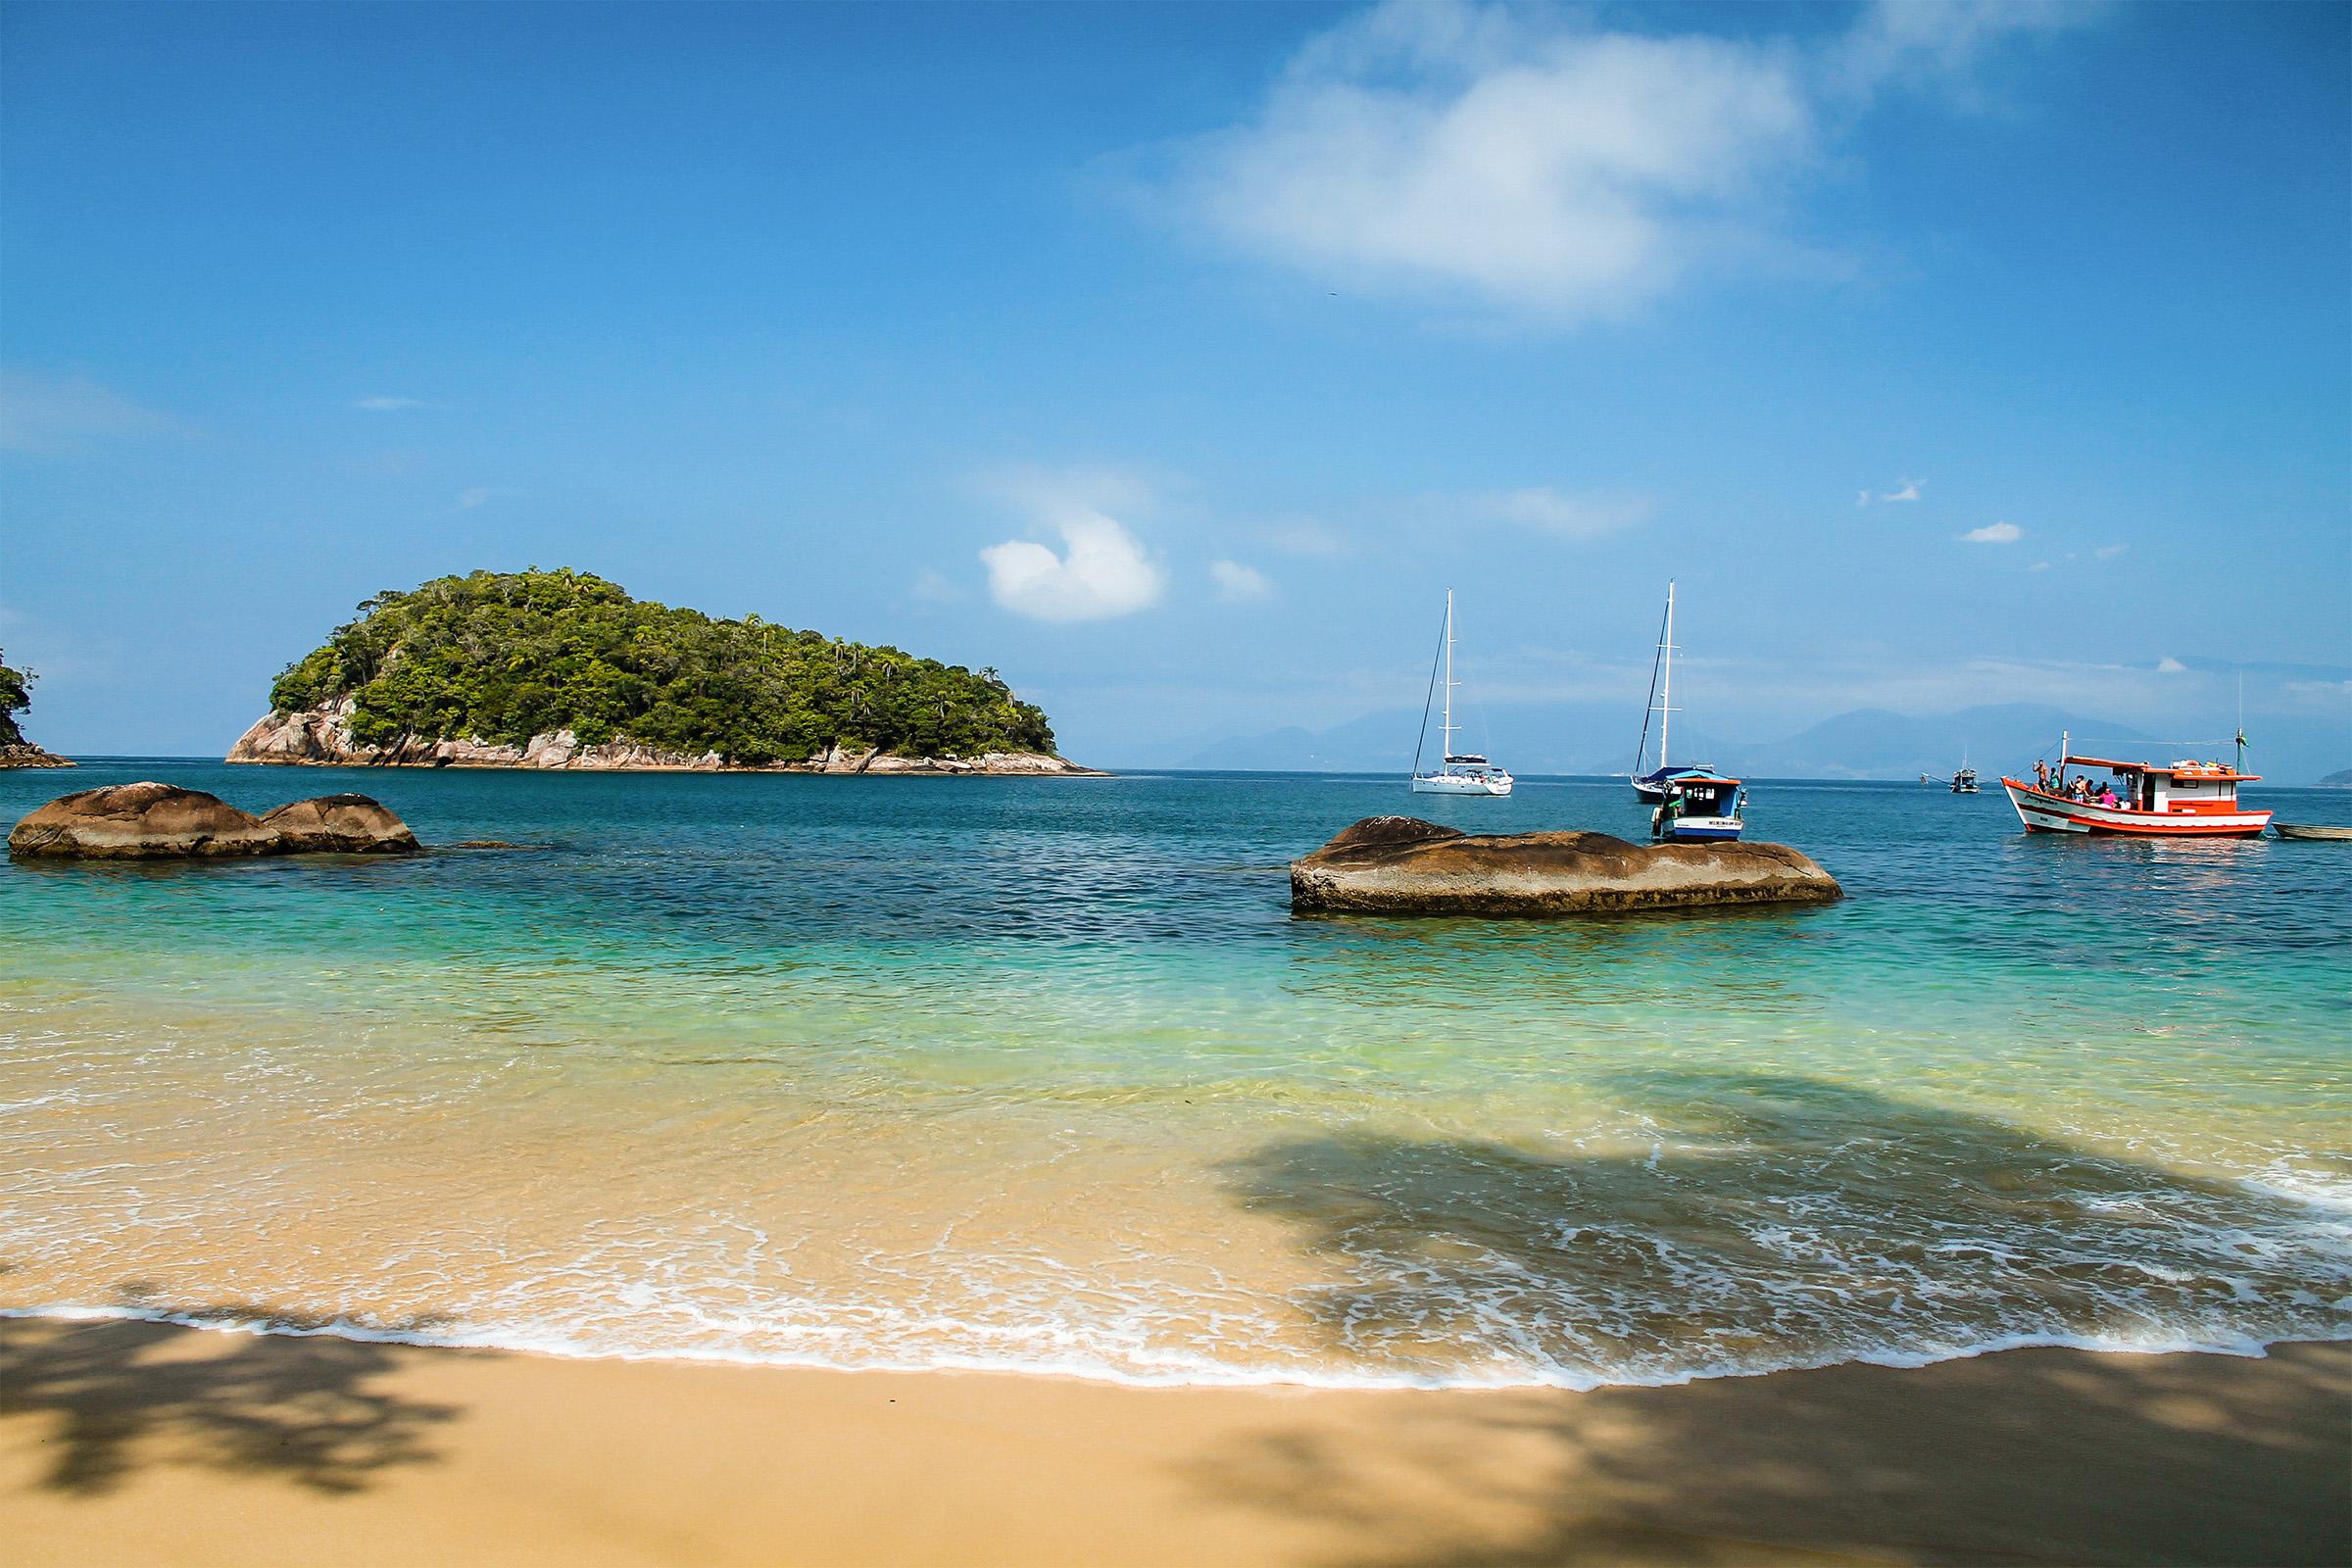 Beach and sunny day - Ubatuba - Brazil